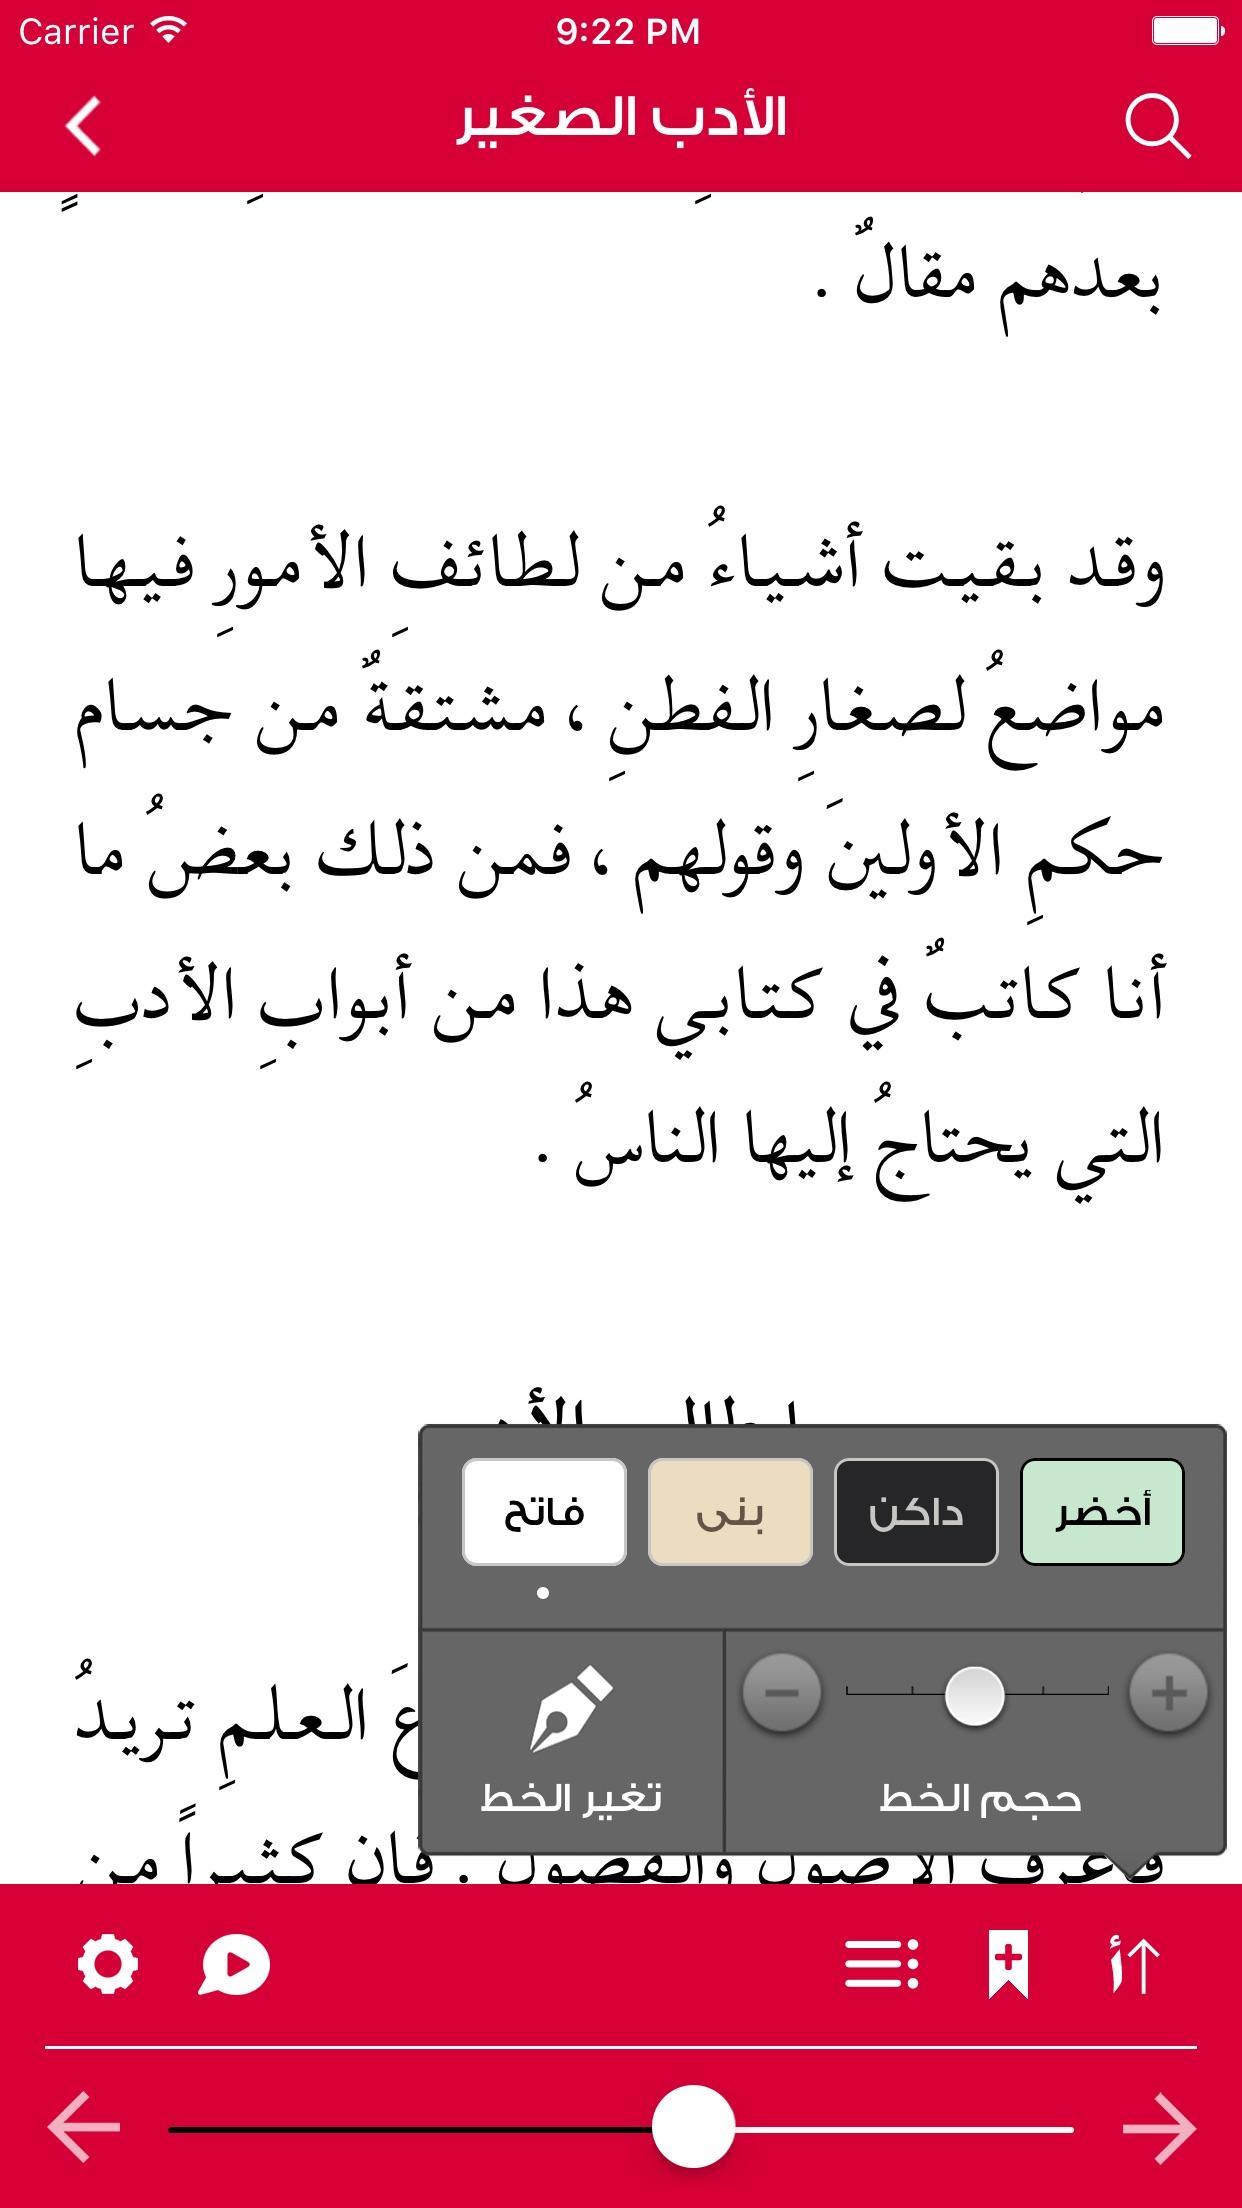 مكتبة ياقوت - آلاف الكتب العربية Screenshot